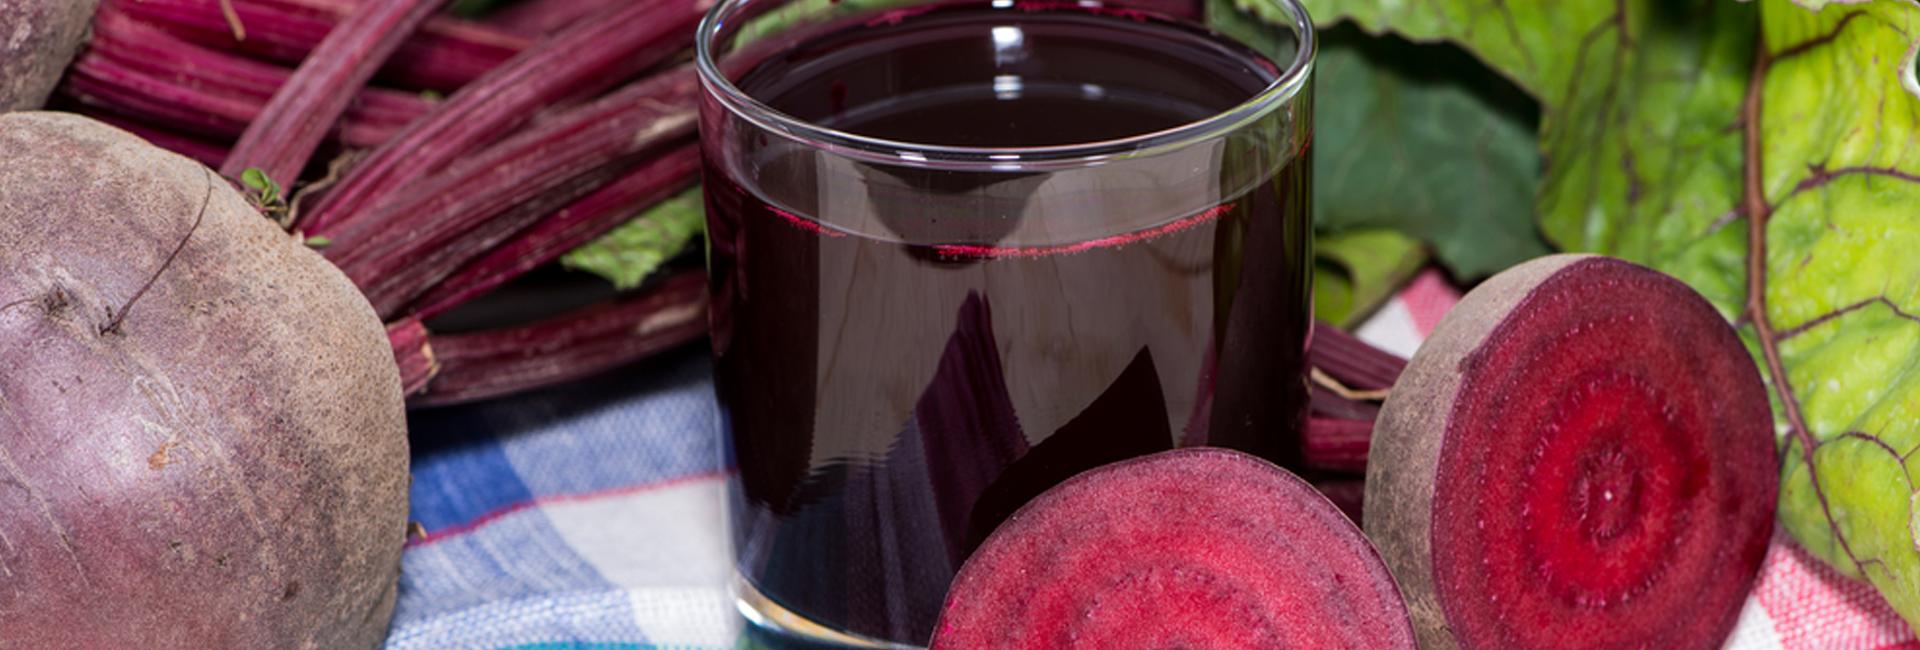 Rödbetsjuice gör nytta i magen och skyddar mot sjukdomar